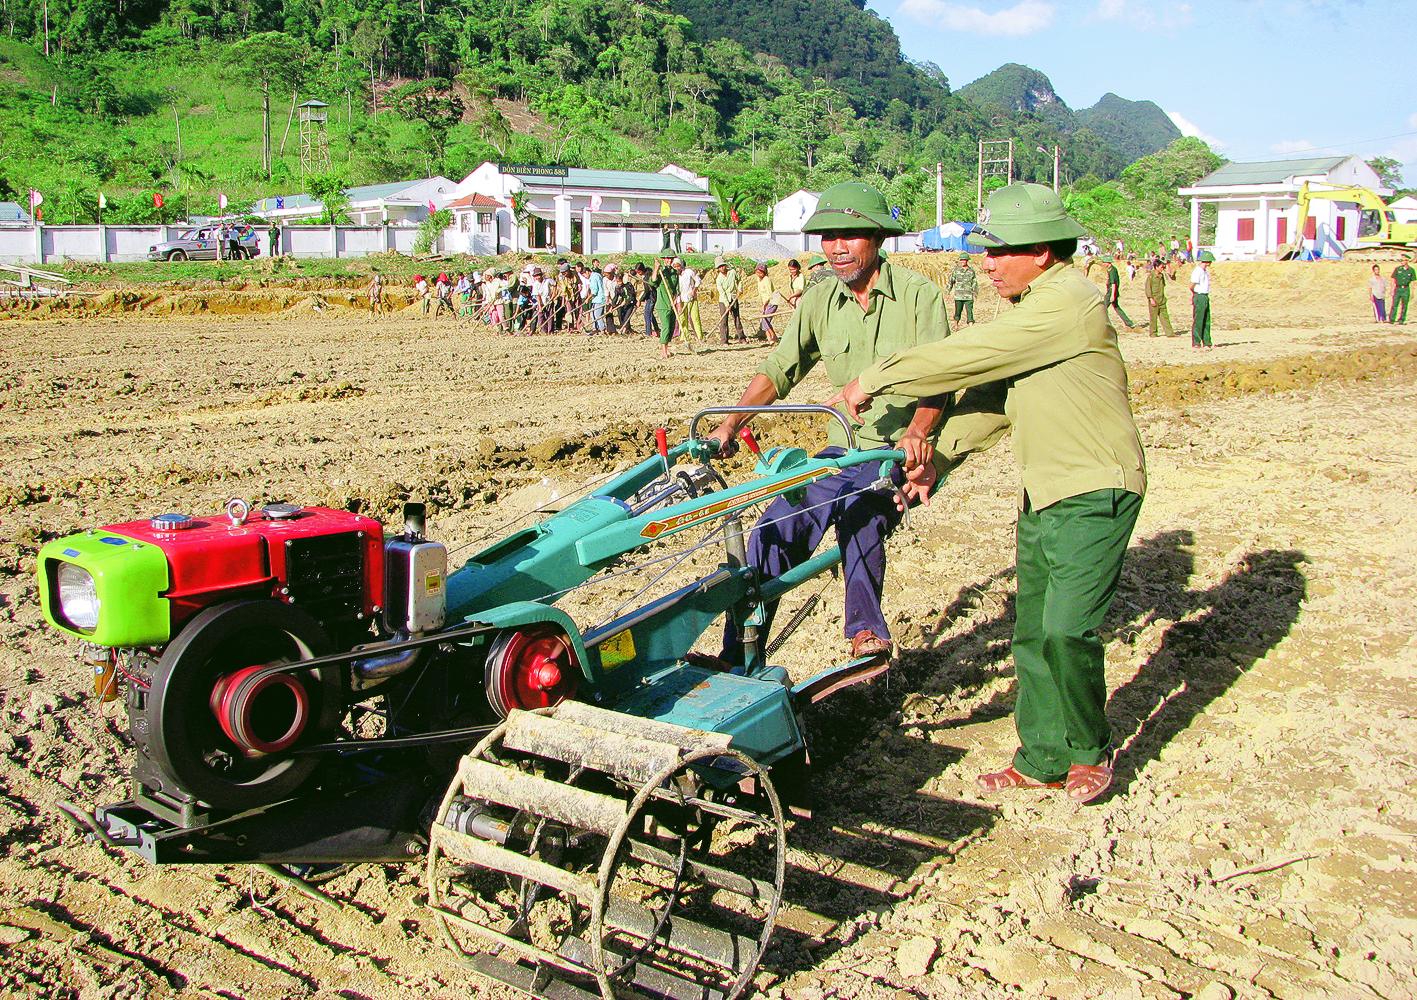 Mở rộng diện tích khai hoang và xây dựng đồng ruộng trên địa bàn các xã, thị trấn, huyện Ea Súp.